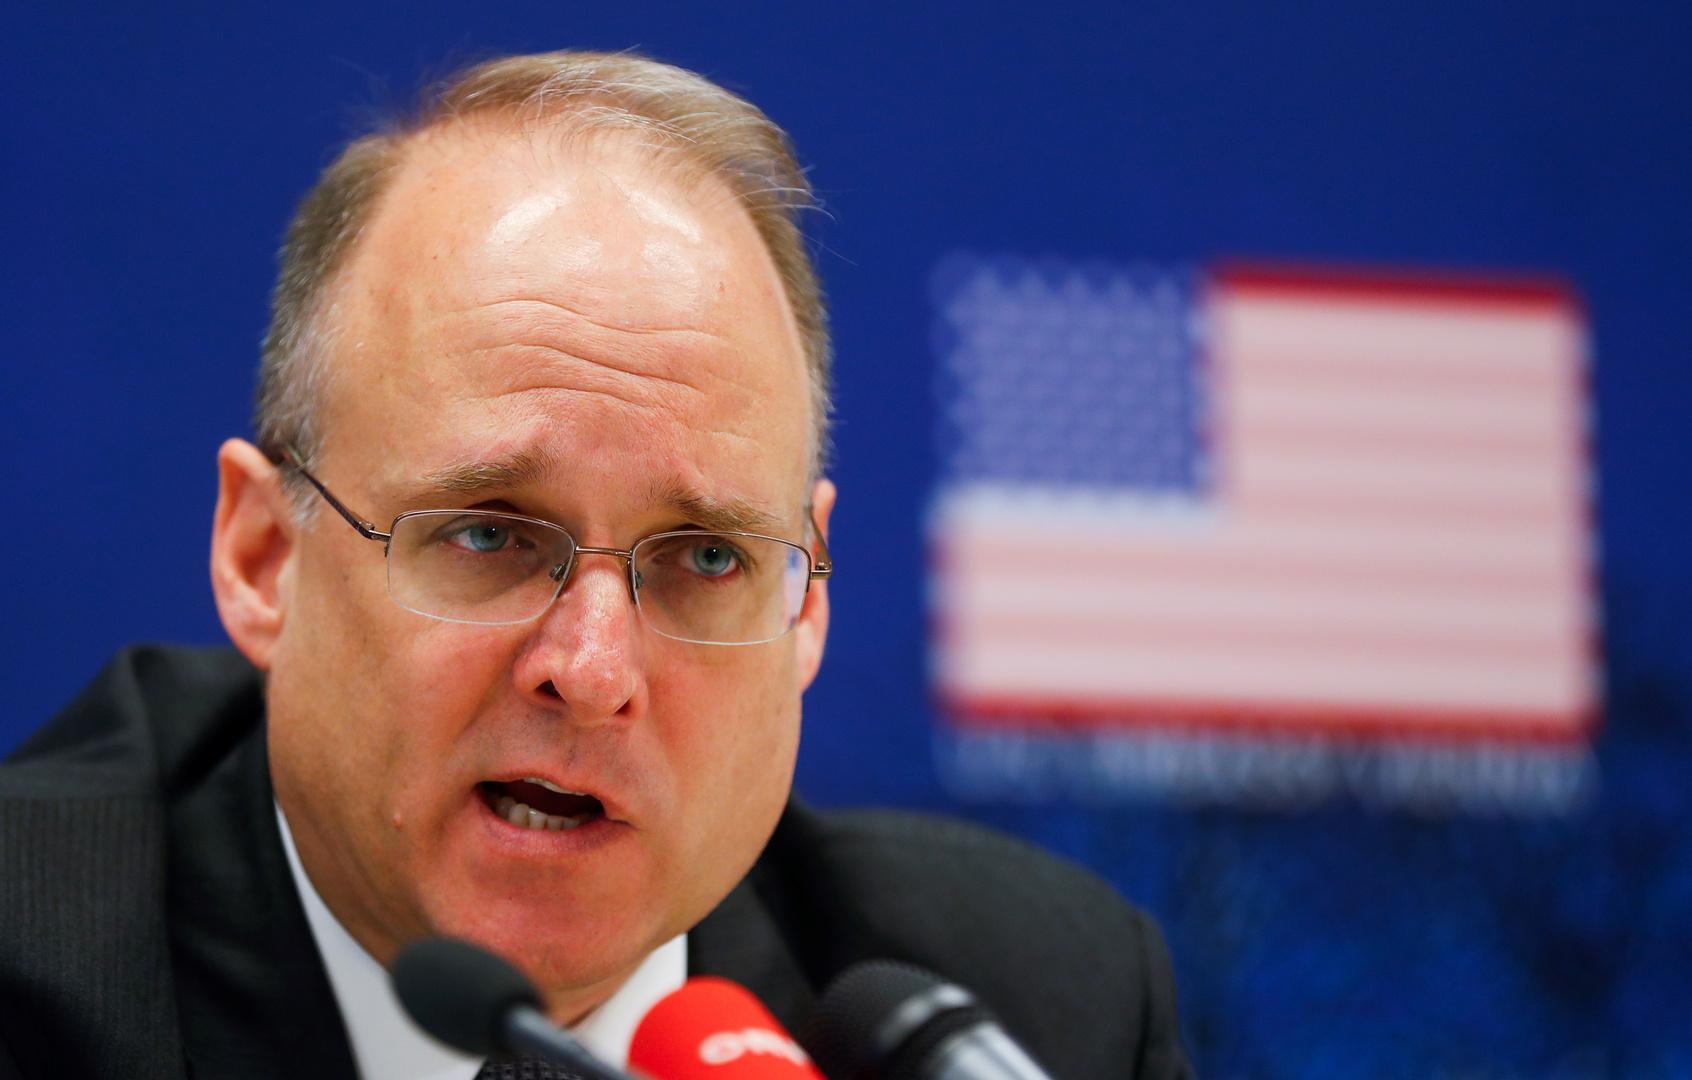 الولايات المتحدة تتهم روسيا بالتراجع عن الاتفاق حول معاهدة نزع الأسلحة النووية